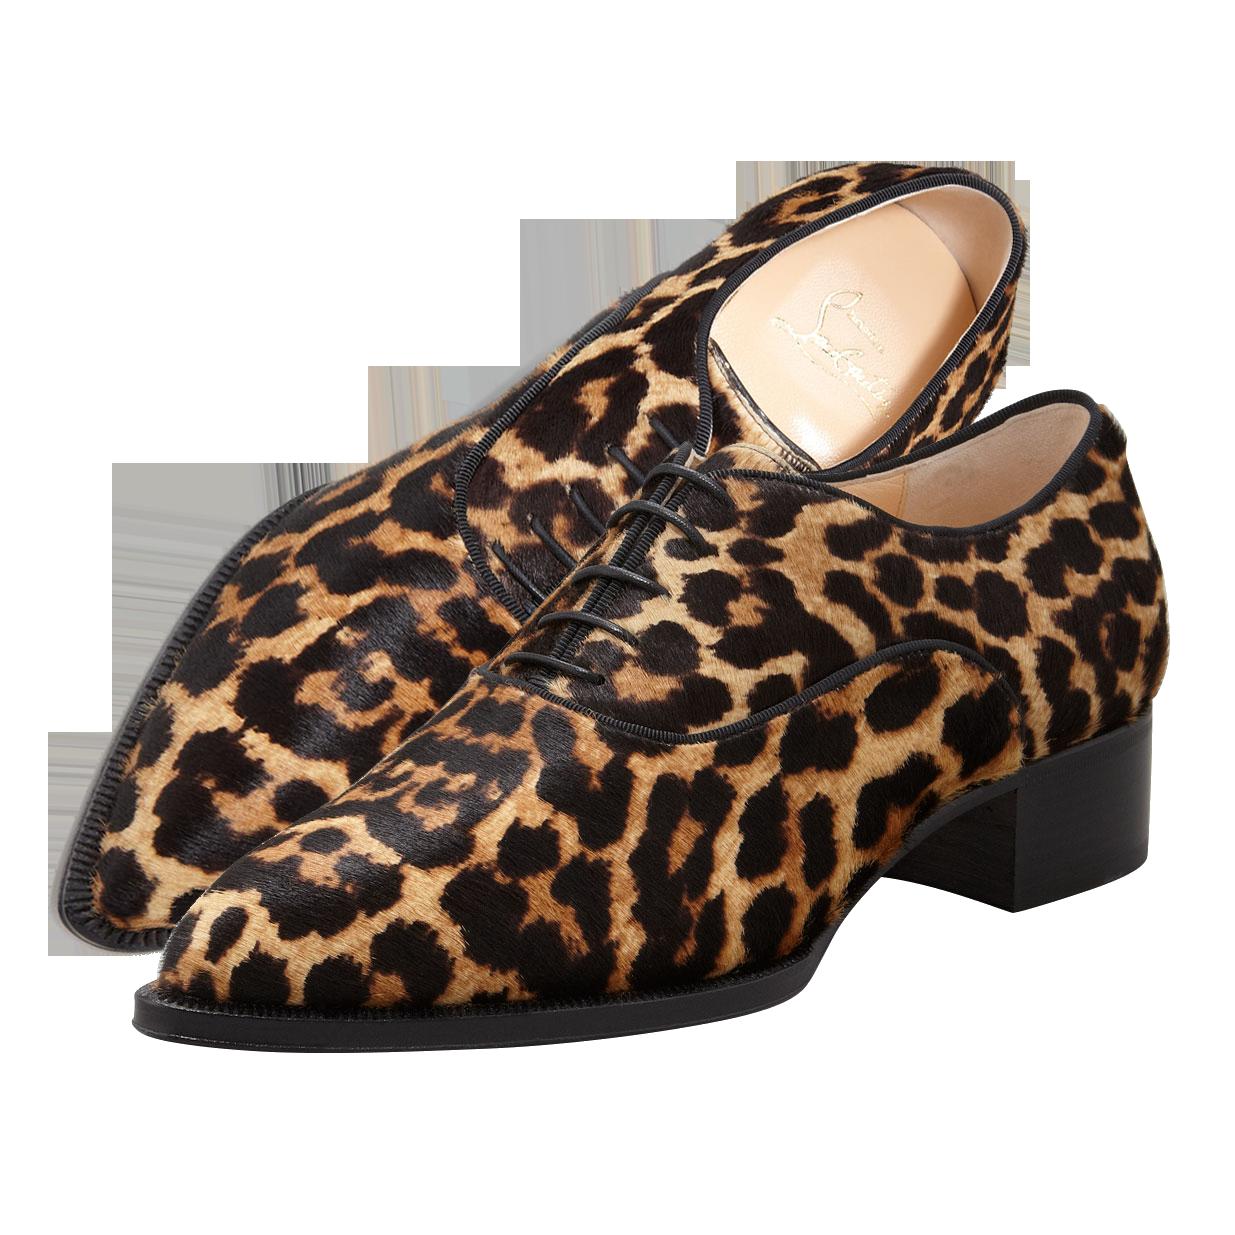 22a1a1e8f206 Christian Louboutin Zazou Pointed-Toe Leopard-Print Calf Hair Derby Flats